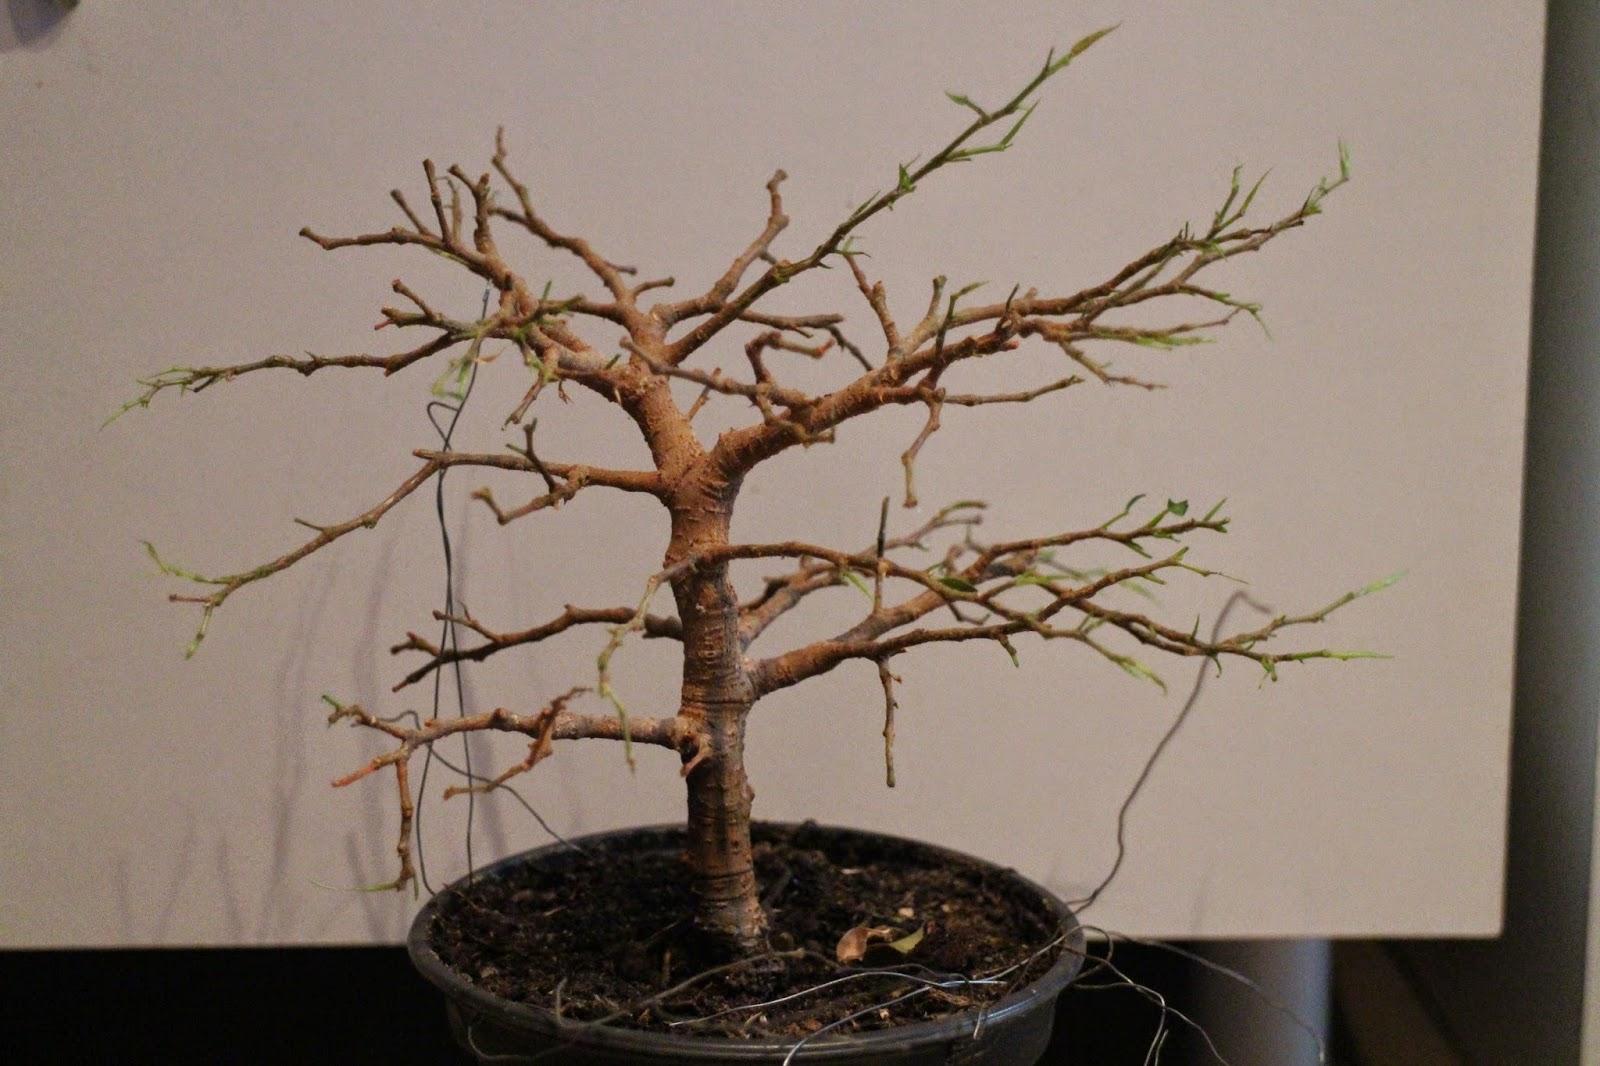 pieniä ötököitä kasvissa